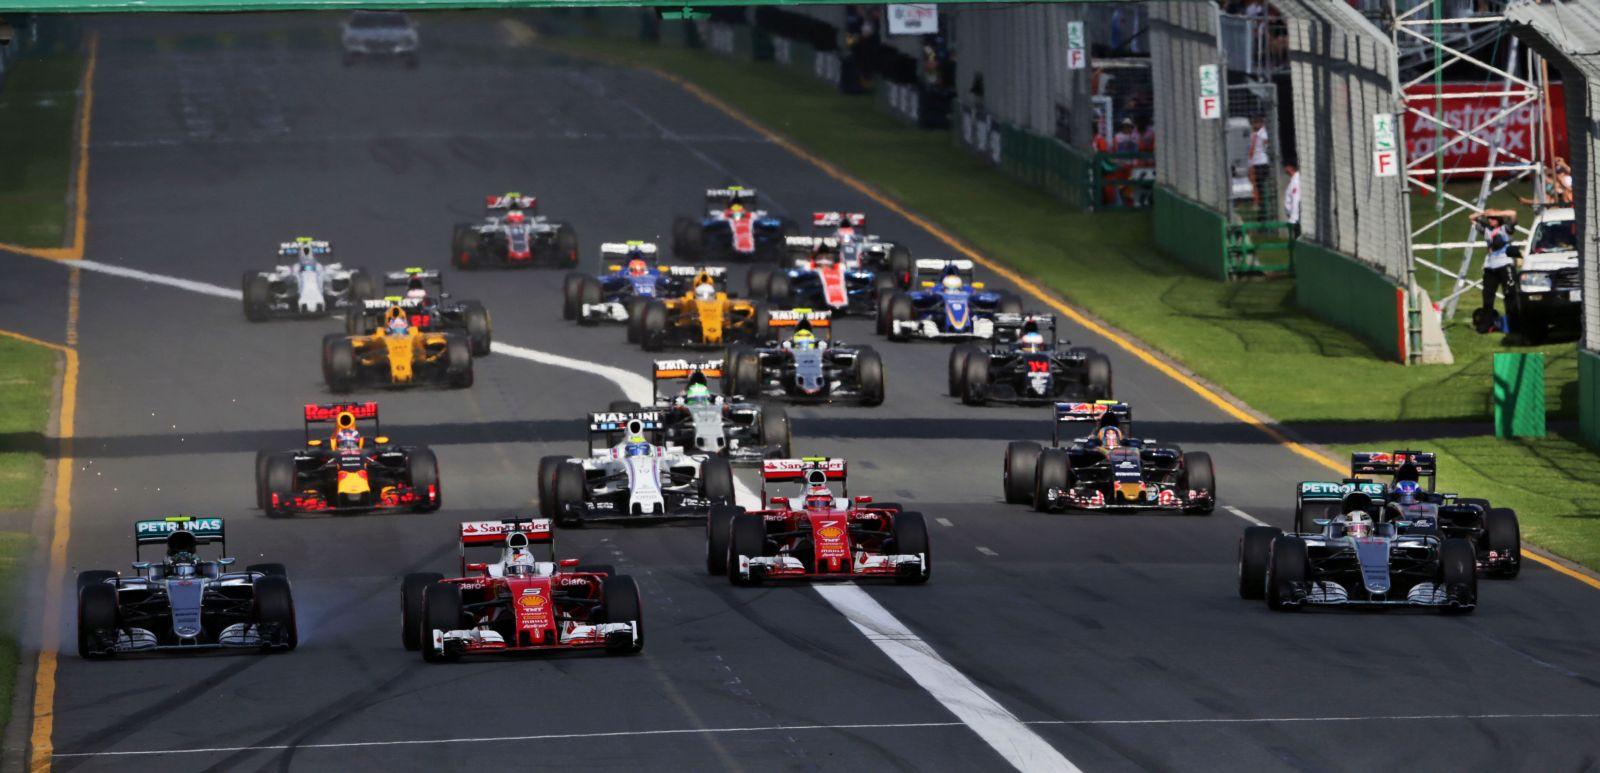 Specifičnosti prve utrke: Australija – posebna po mnogočemu